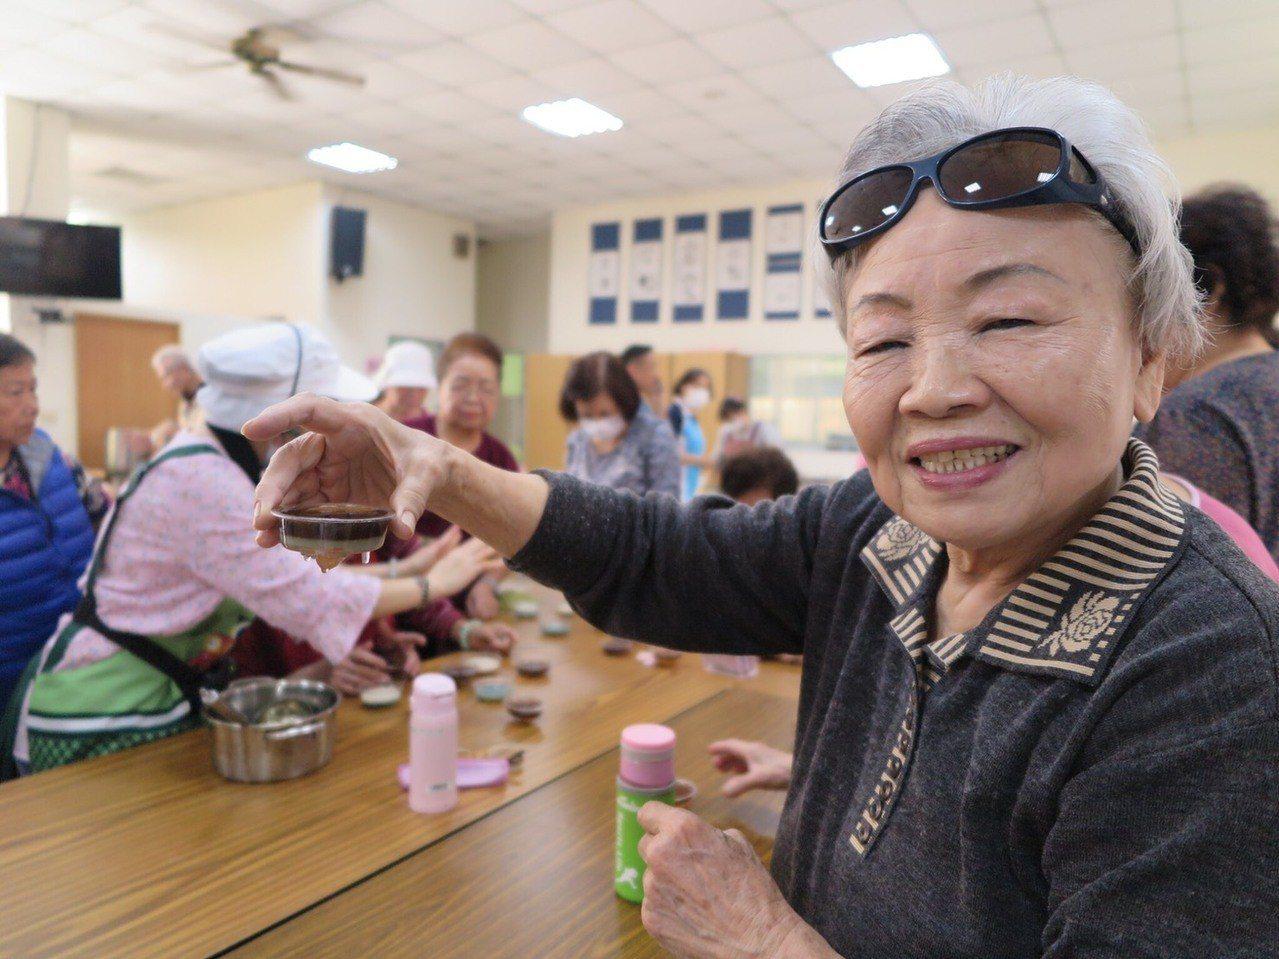 社區的阿嬤學會製做立體果凍,開心展示作品。照片/文彩燕提供